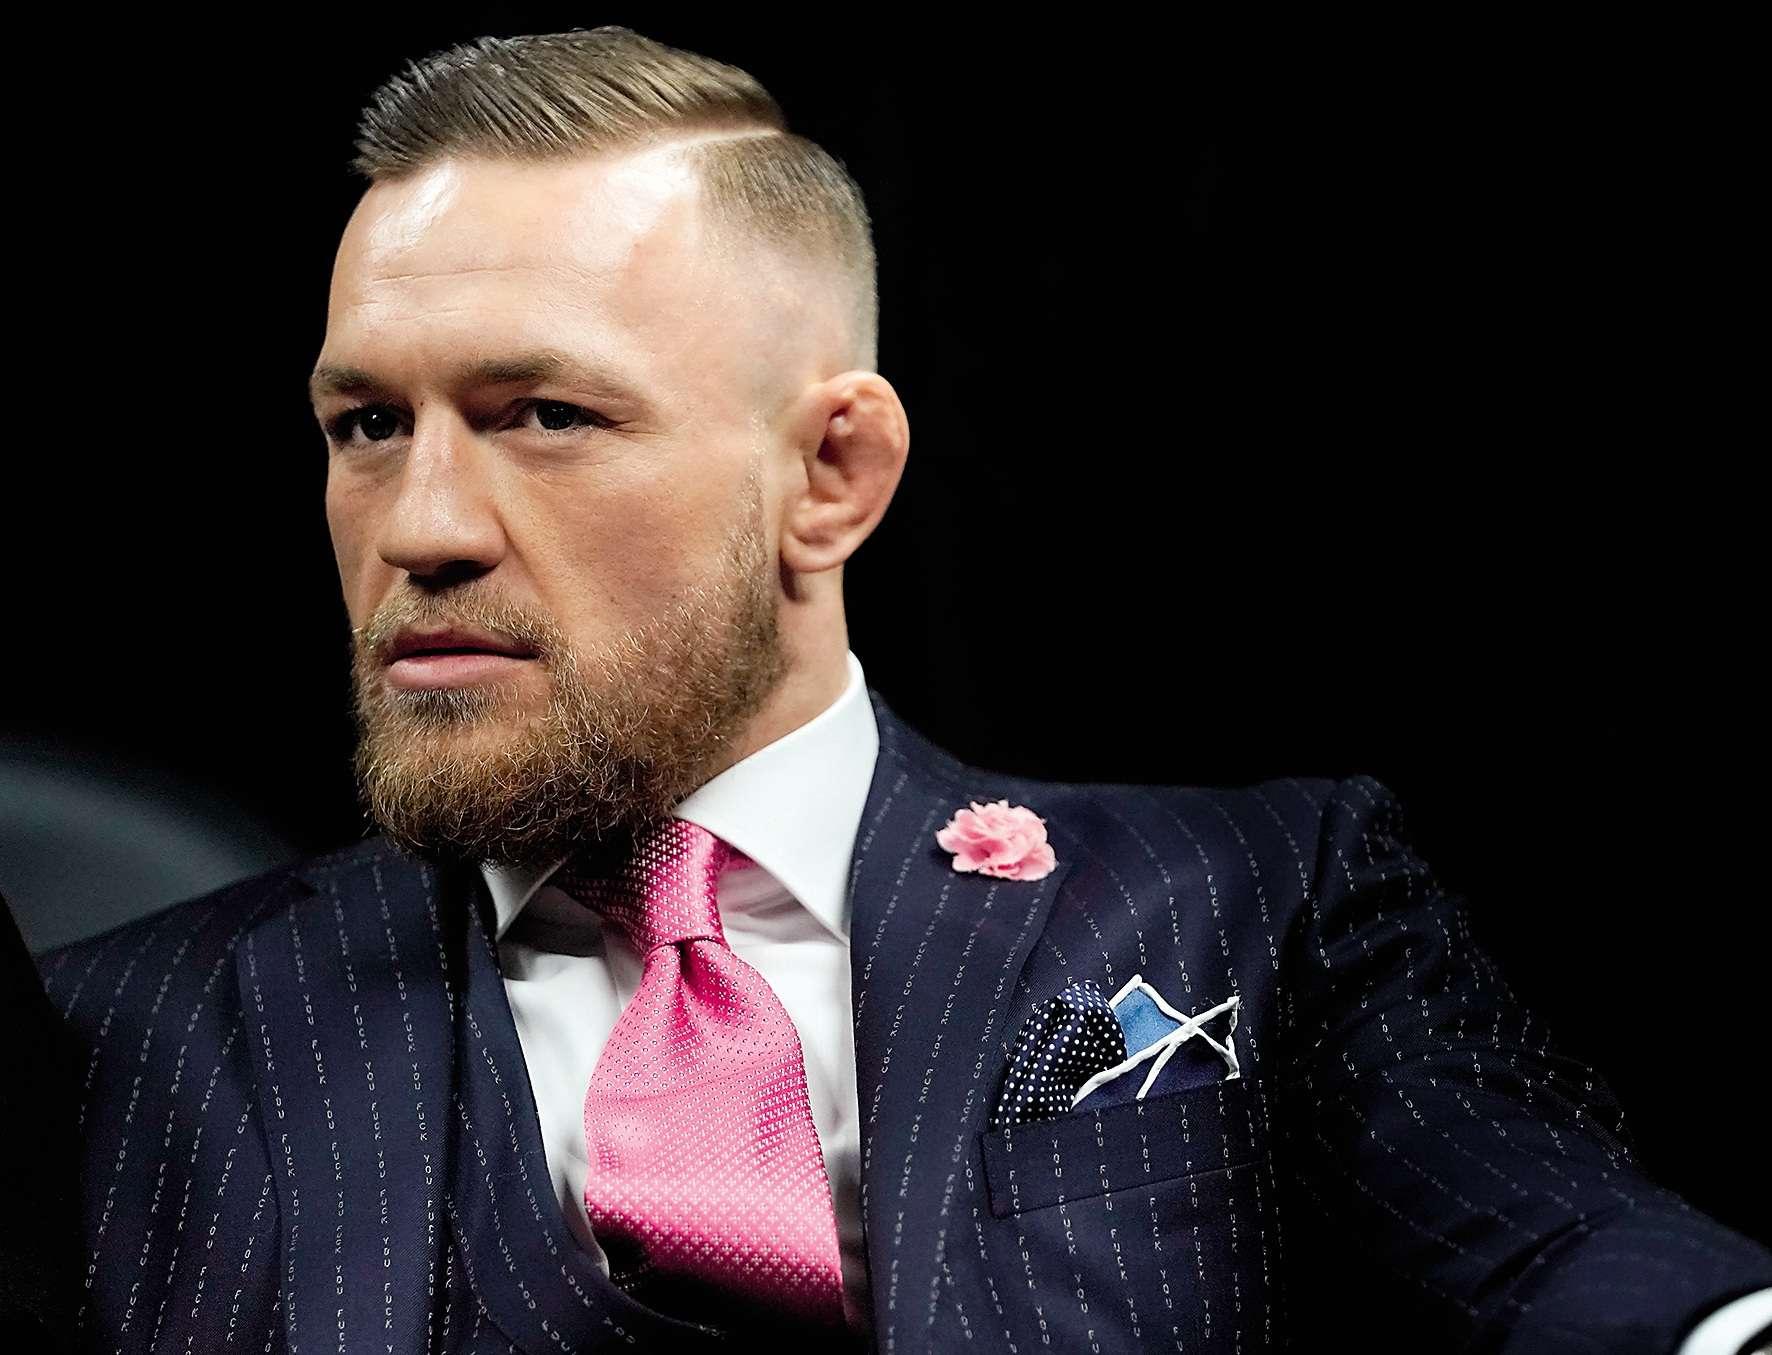 Dans quelques heures, Conor McGregormontera sur le ring face au champion de boxe Floyd Mayweather, 40 ans, 49 victoires et zéro défaite au compteur. A-t-il une chance de battre l'Américain sur son propre terrain ? Aucune, disent ses détracteurs. Mais McGregor tient déjà sa réponse. En zoomant sur l'étoffe de son costume, on constatera en effet que ses rayures sont formées par une suite infinie de petits « Fuck you».Ceux qui ont un message à faire passer seront heureux de savoir que ce service de personnalisation est disponible chez le drapier Holland & Sherry.